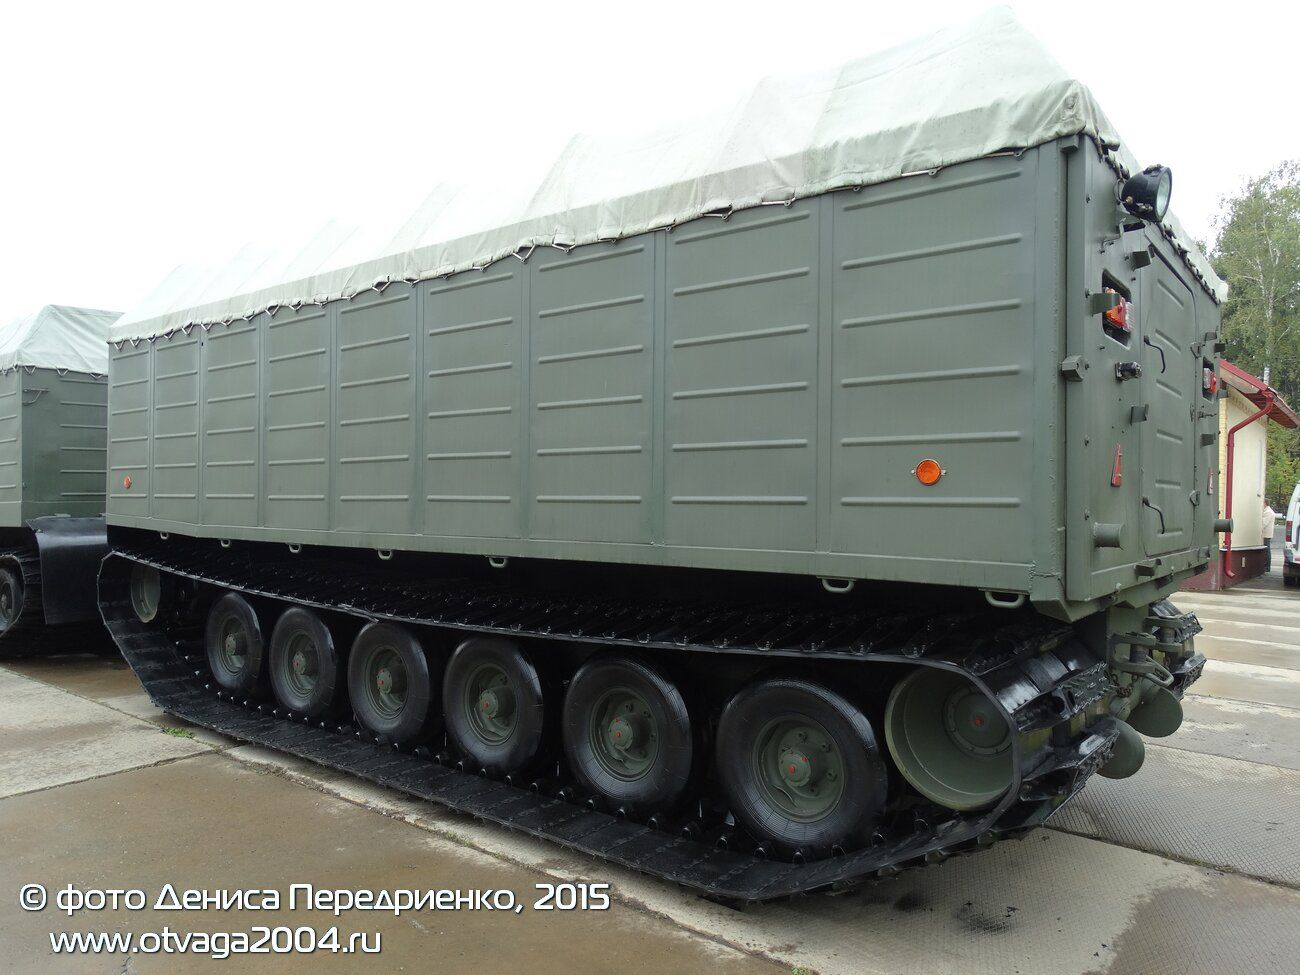 Военные машины транспортеры скачать чертеж в компасе ленточный конвейер